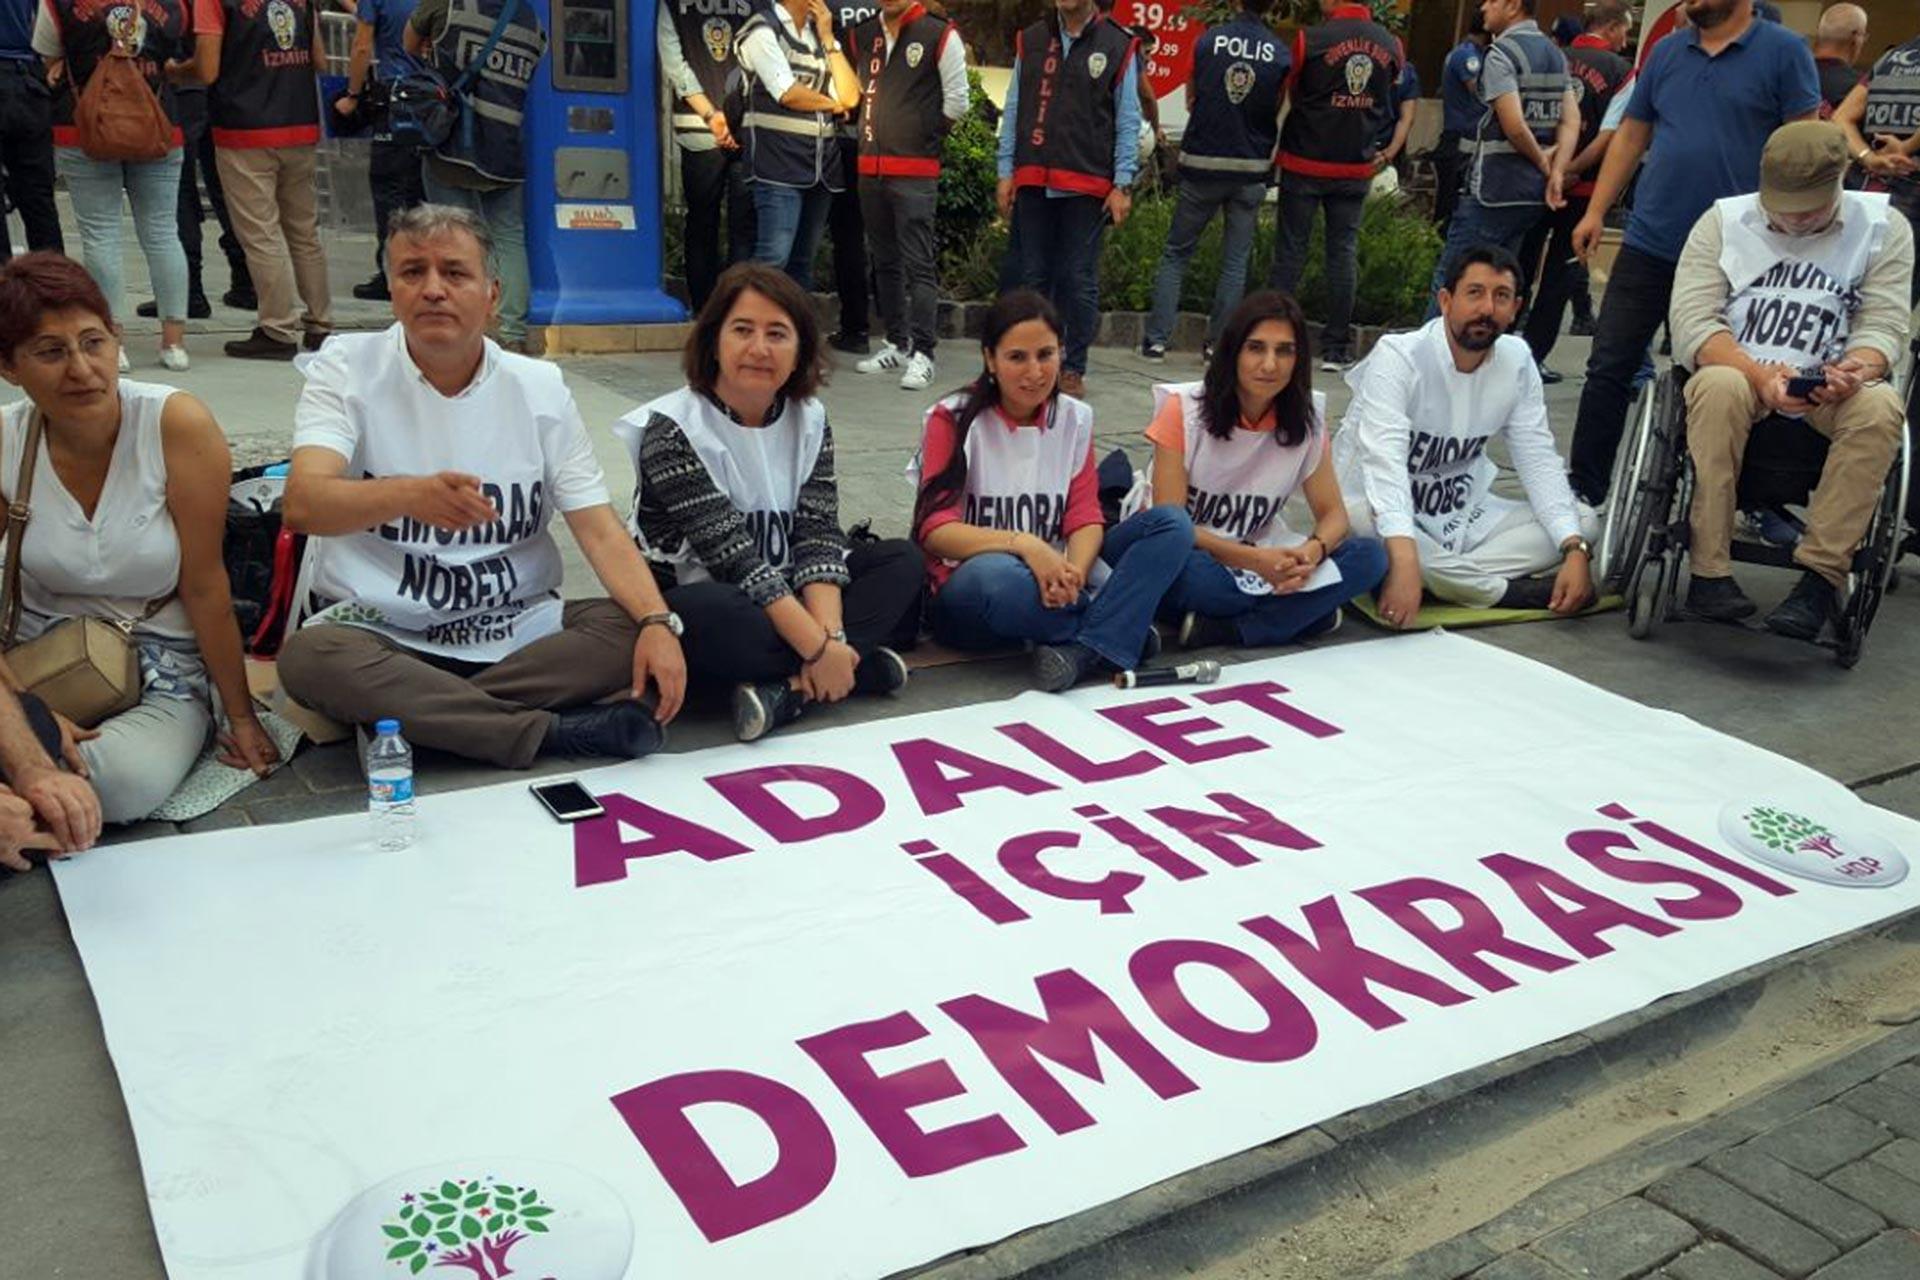 İzmir'de HDP'nin kayyuma karşı nöbeti üçüncü gününde